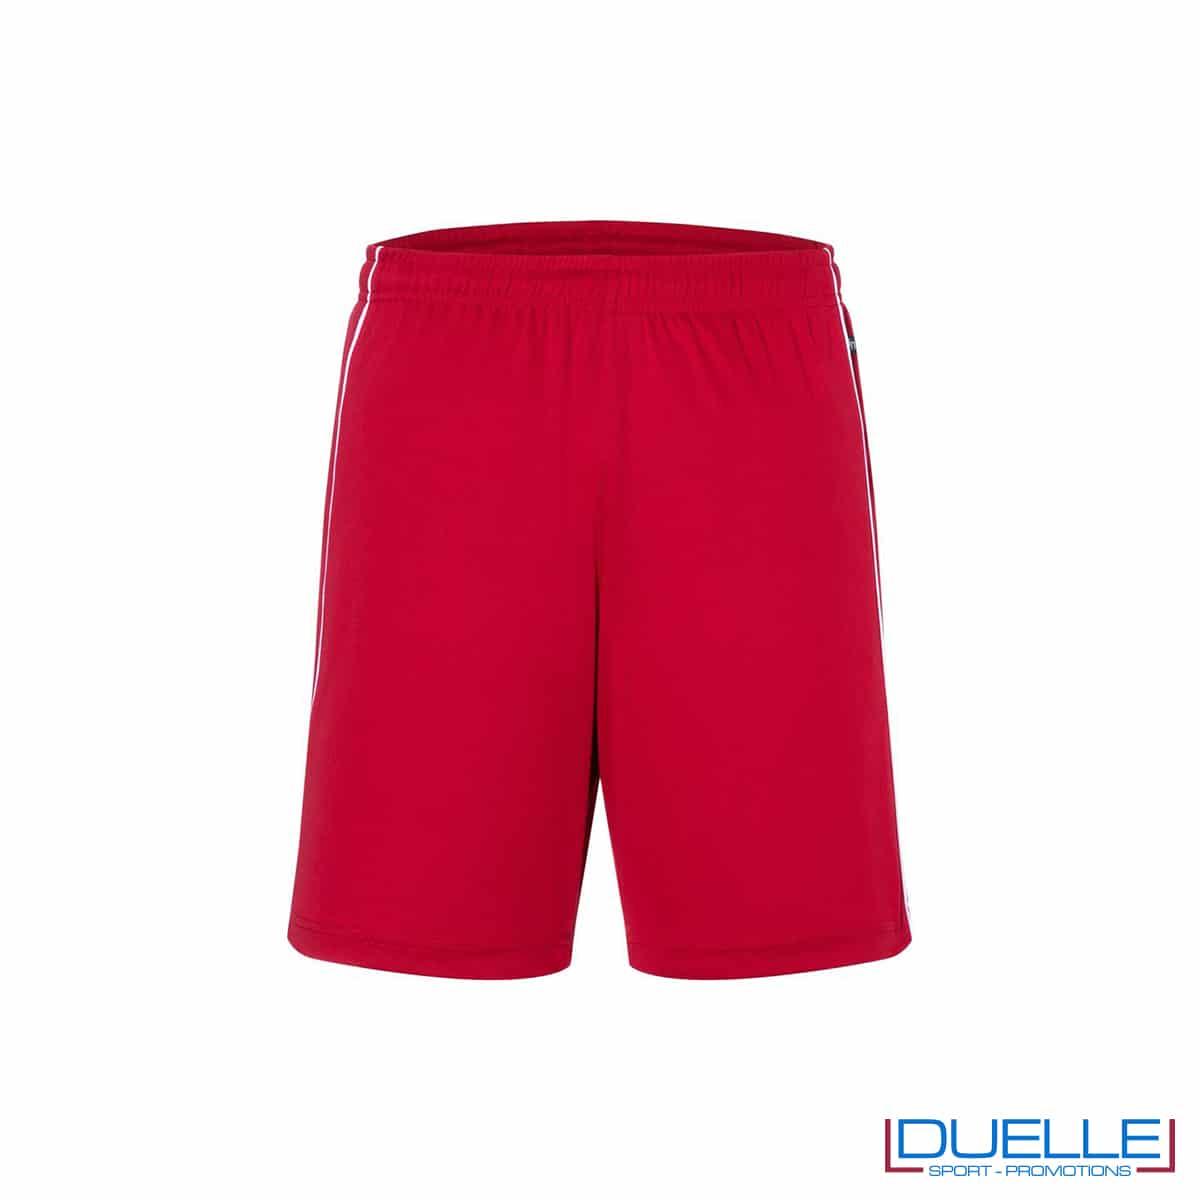 Pantaloncino calcio colore rosso promozionale